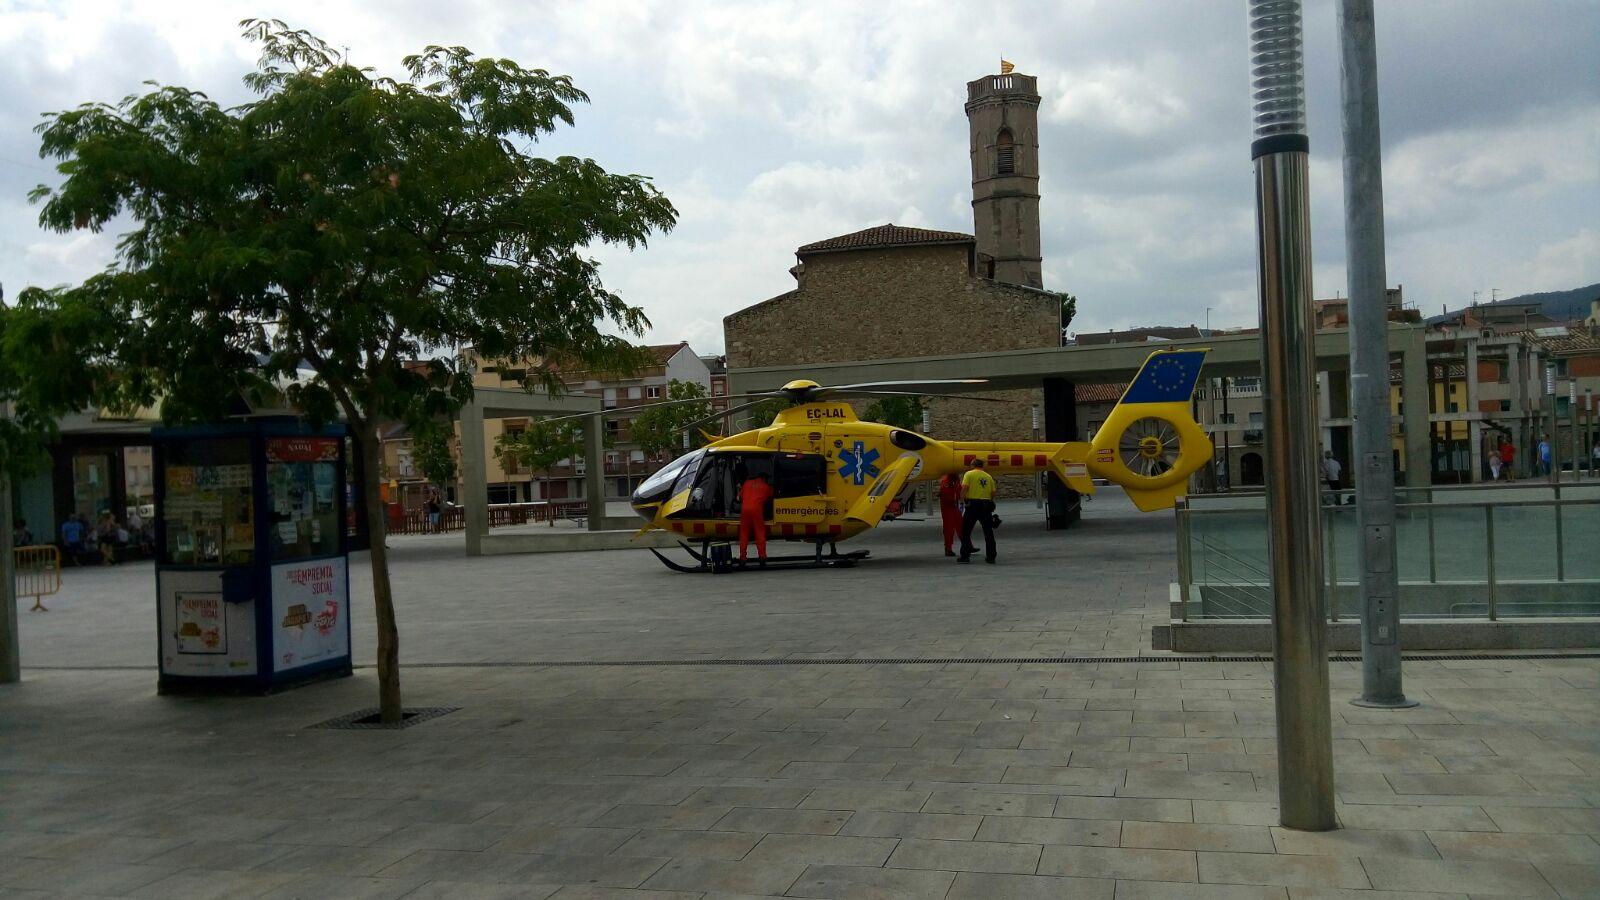 Fotonotícia – Helicòpter a la pl. del Mercat